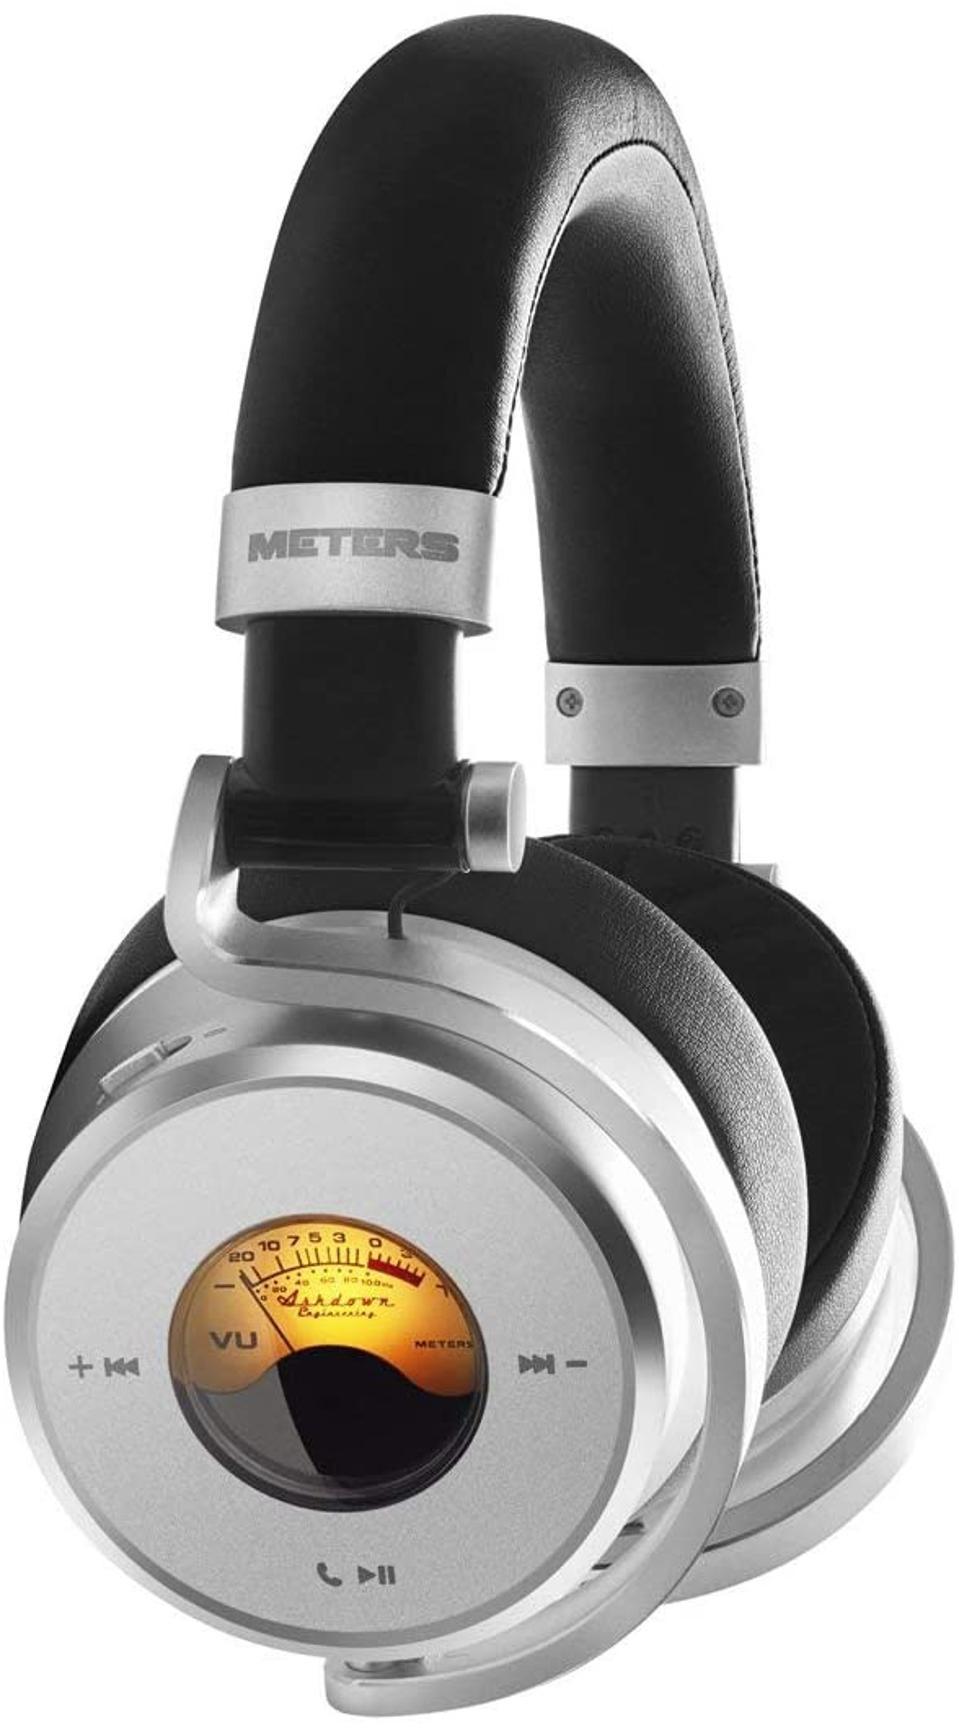 Side view of Meters OV-1-B-Connect headphones